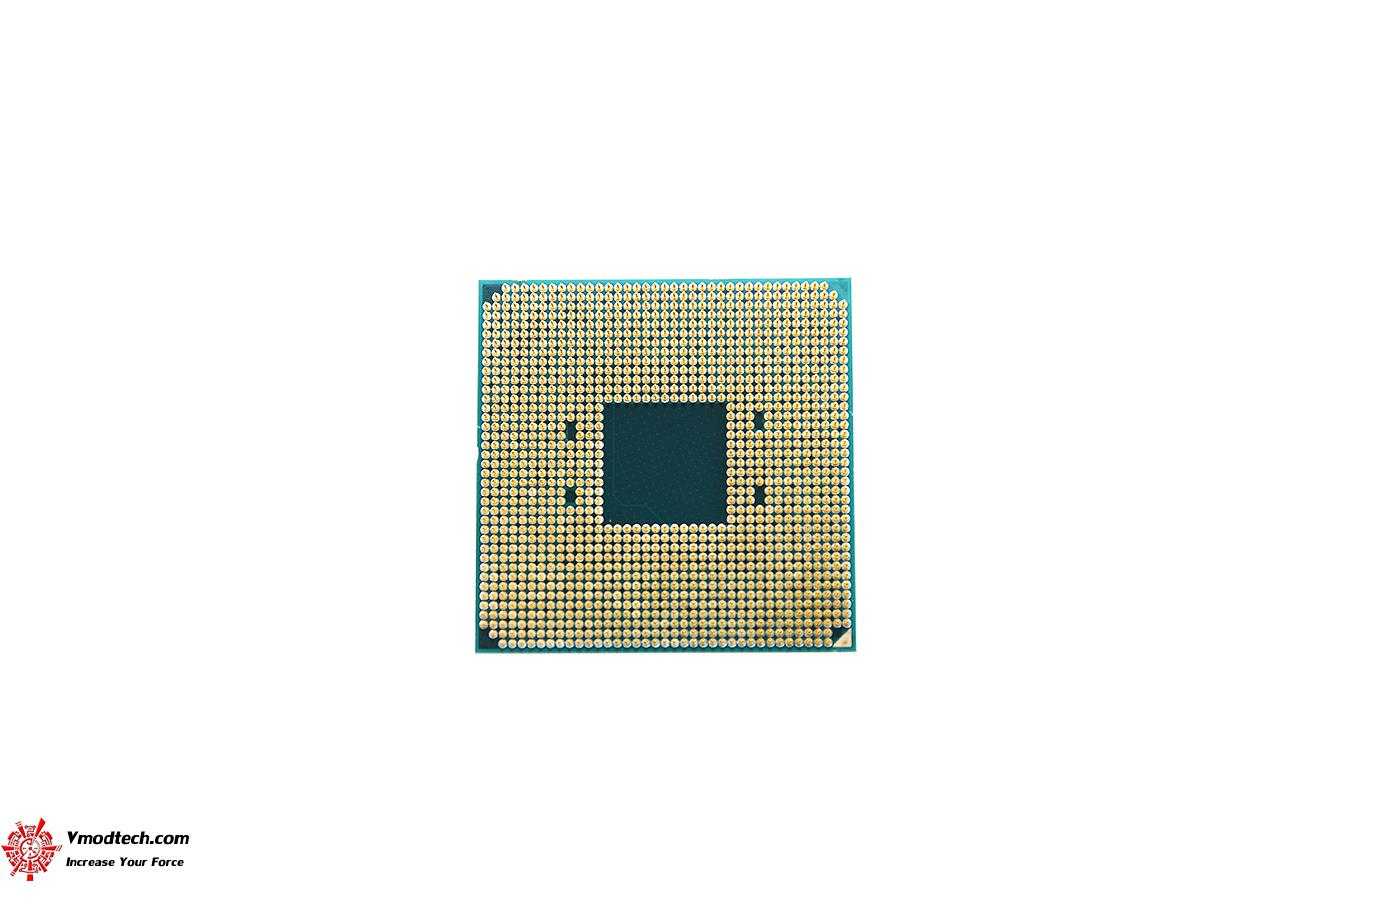 dsc 1053 AMD RYZEN 7 2700X PROCESSOR REVIEW